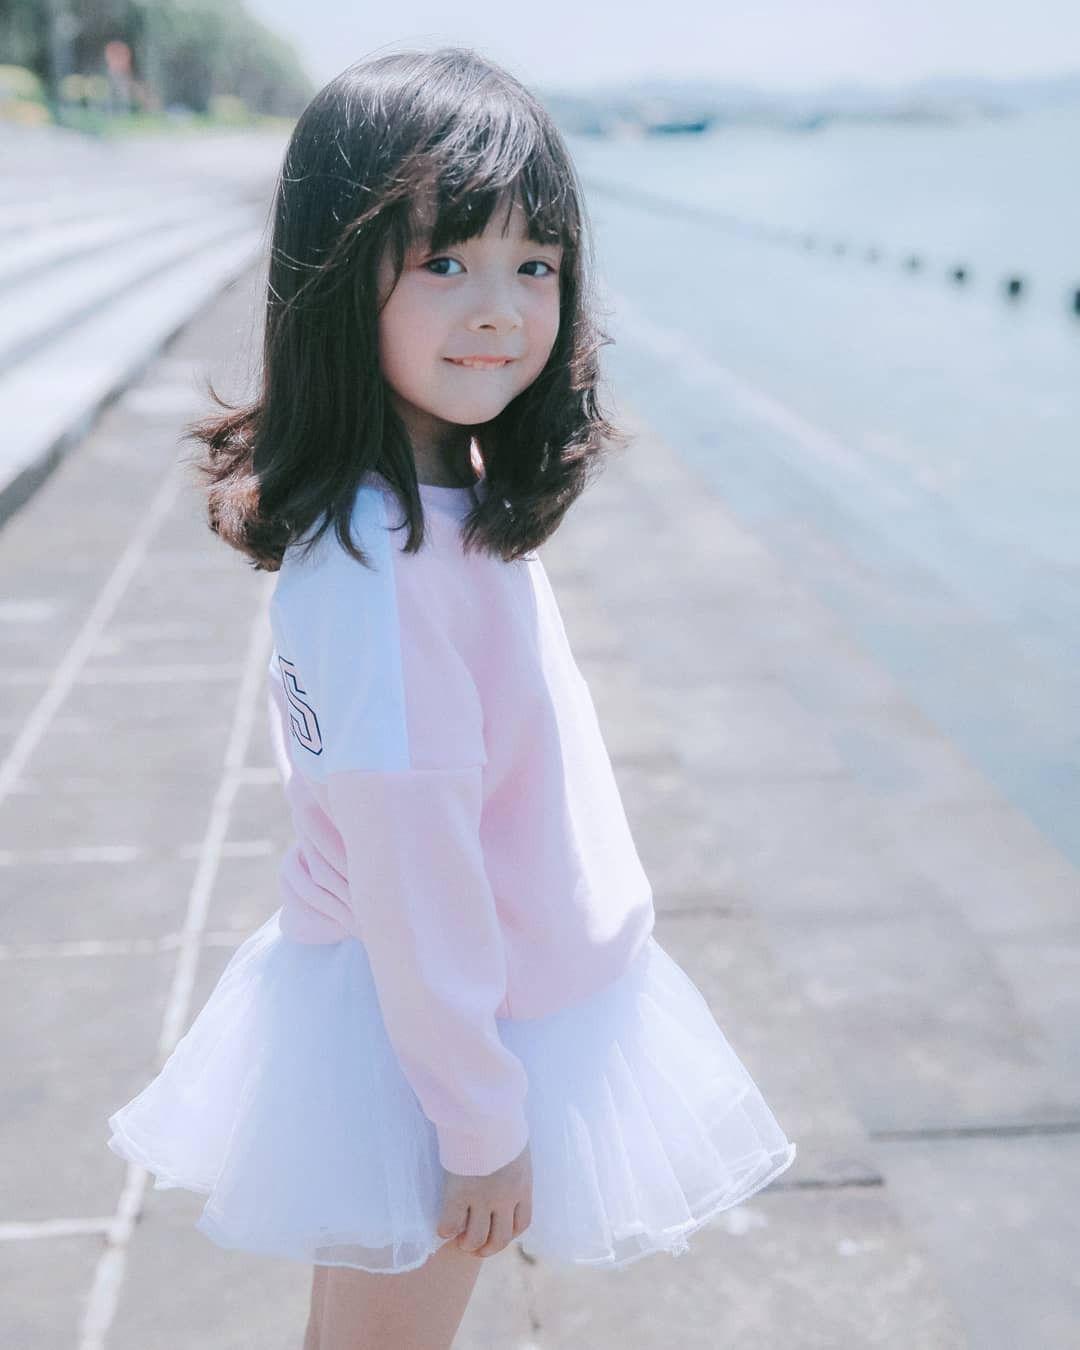 Pin Oleh Nanee 95 Di Ha Lin Fotografi Anak Anak Fotografi